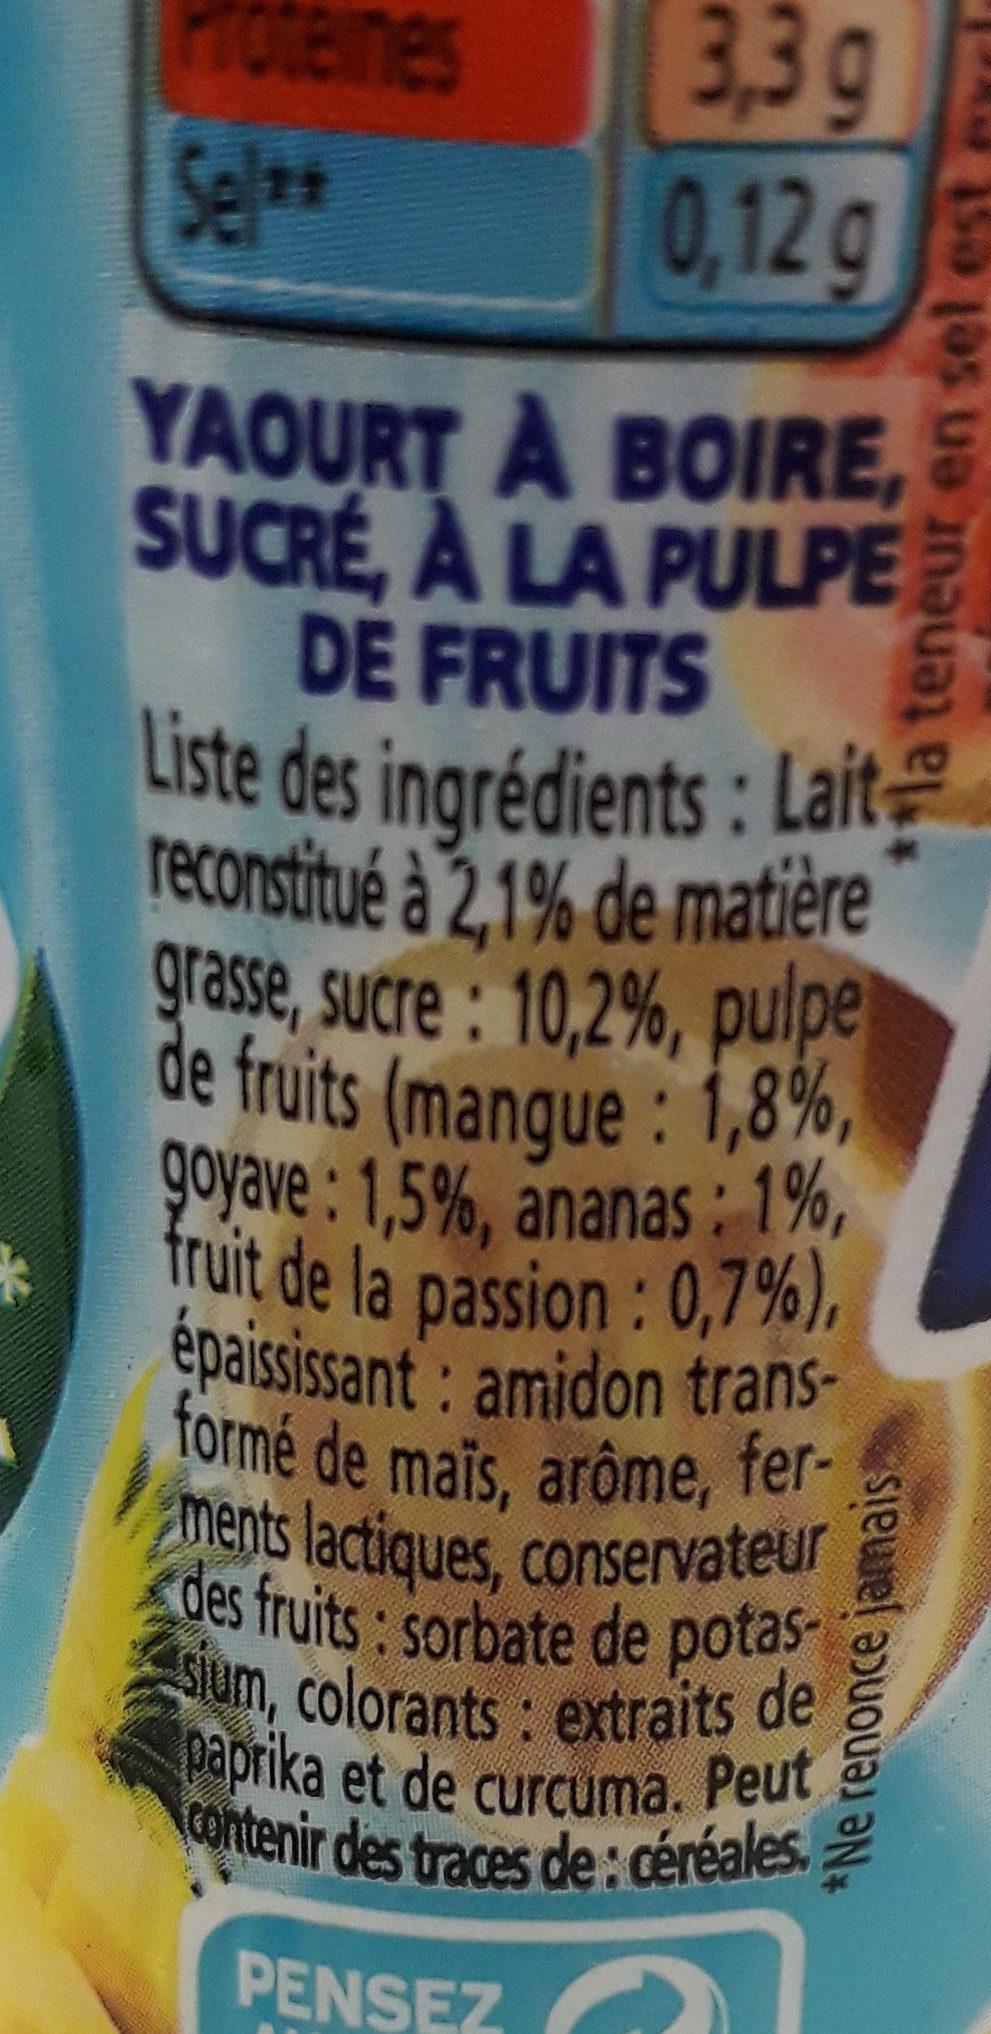 Yaourts à boire à la pulpe de fruits Yop tropical - Ingrediënten - fr